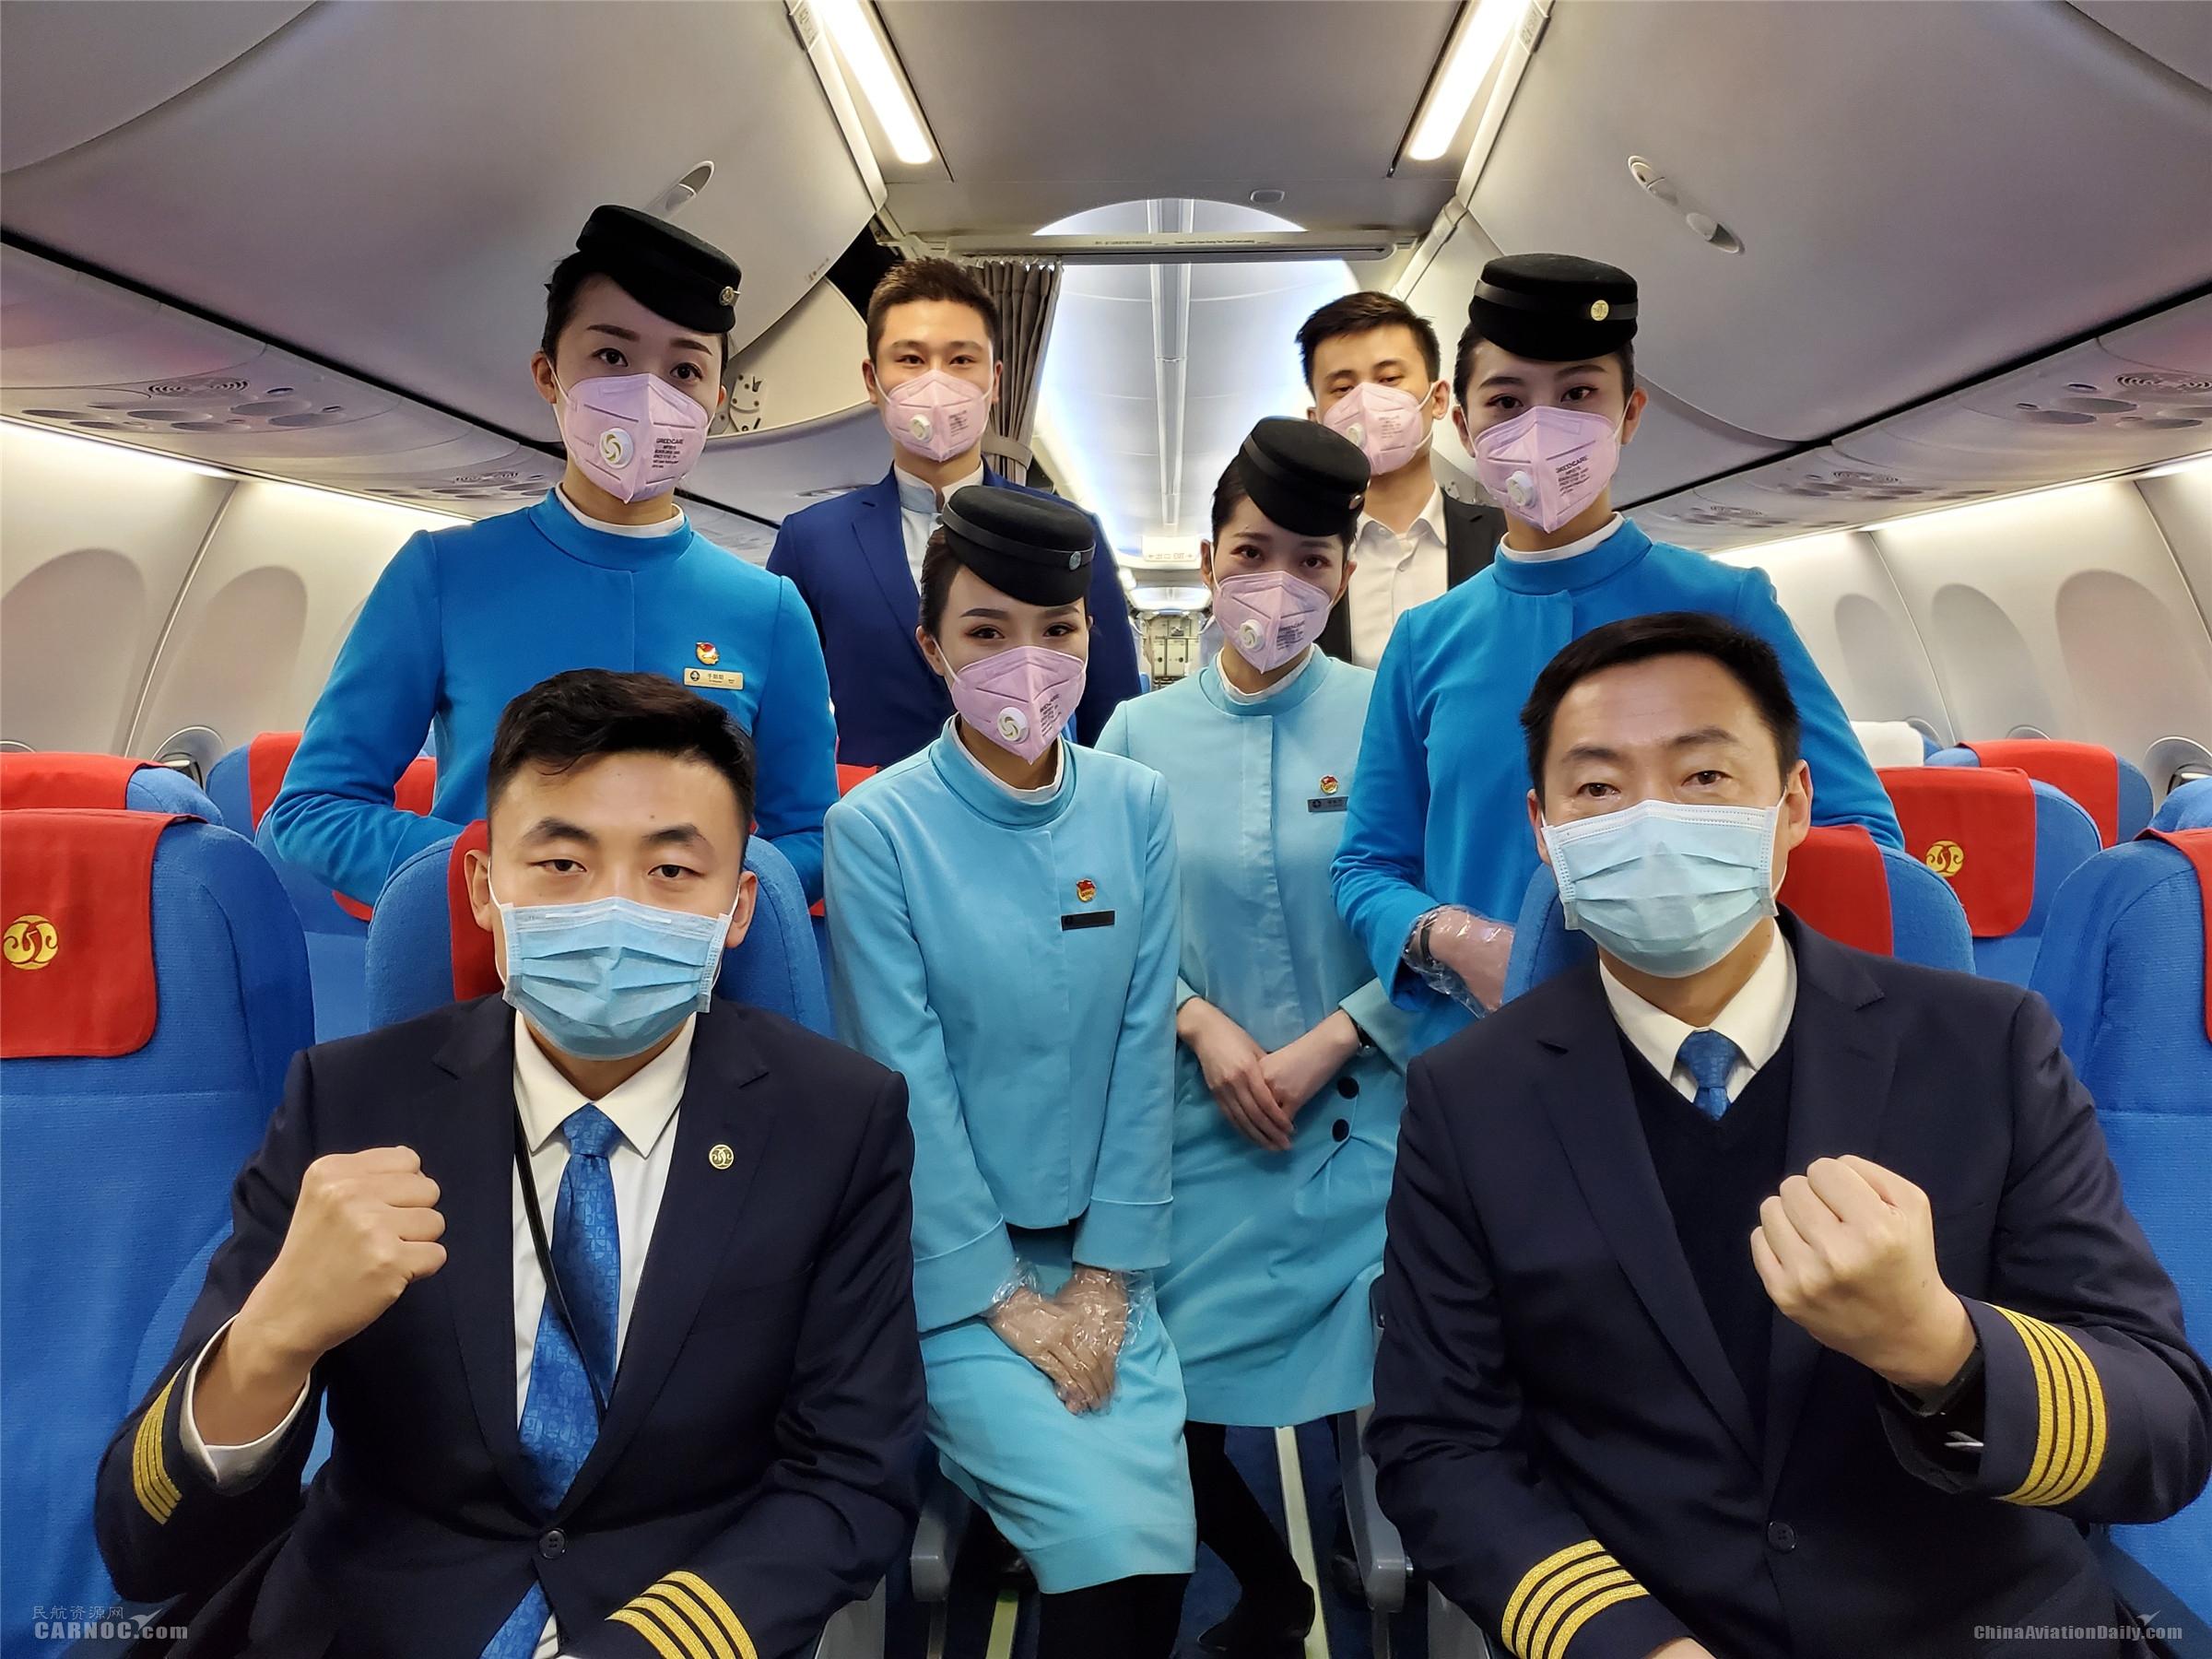 江西航空运载135名医护人员再出征      江西航空供图